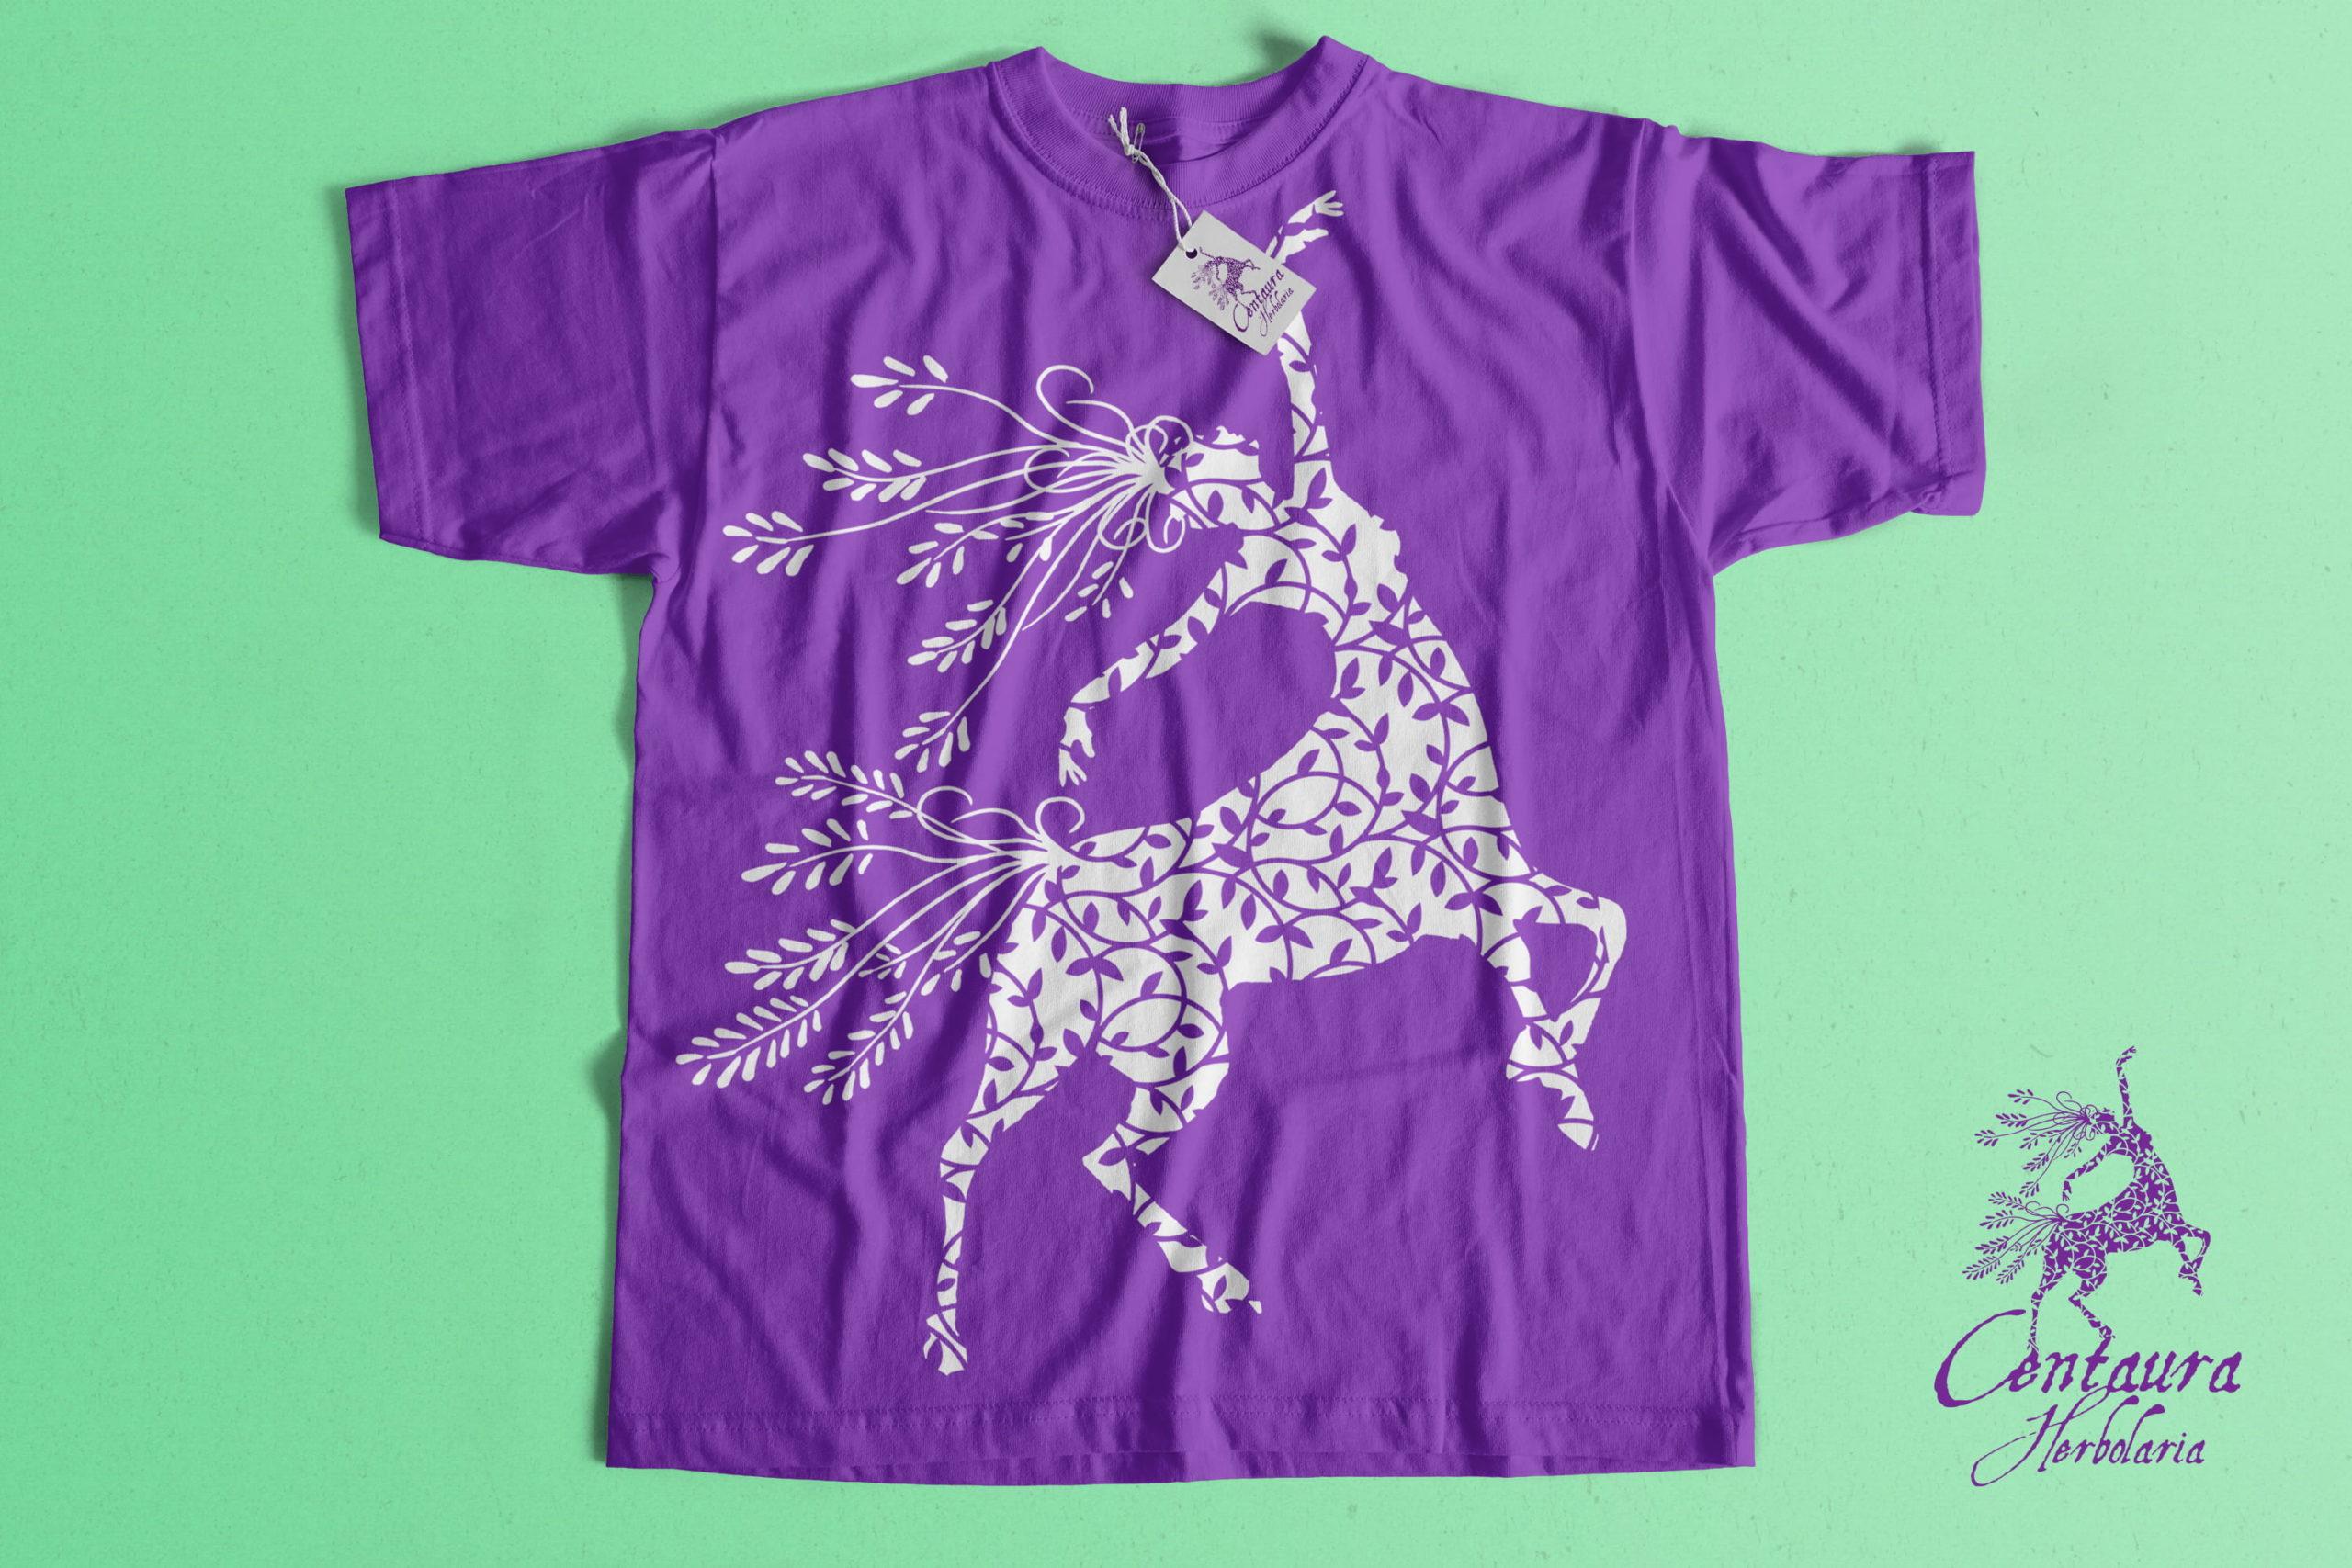 camiseta centaura herbolaria scaled - Centaura Herbolaria